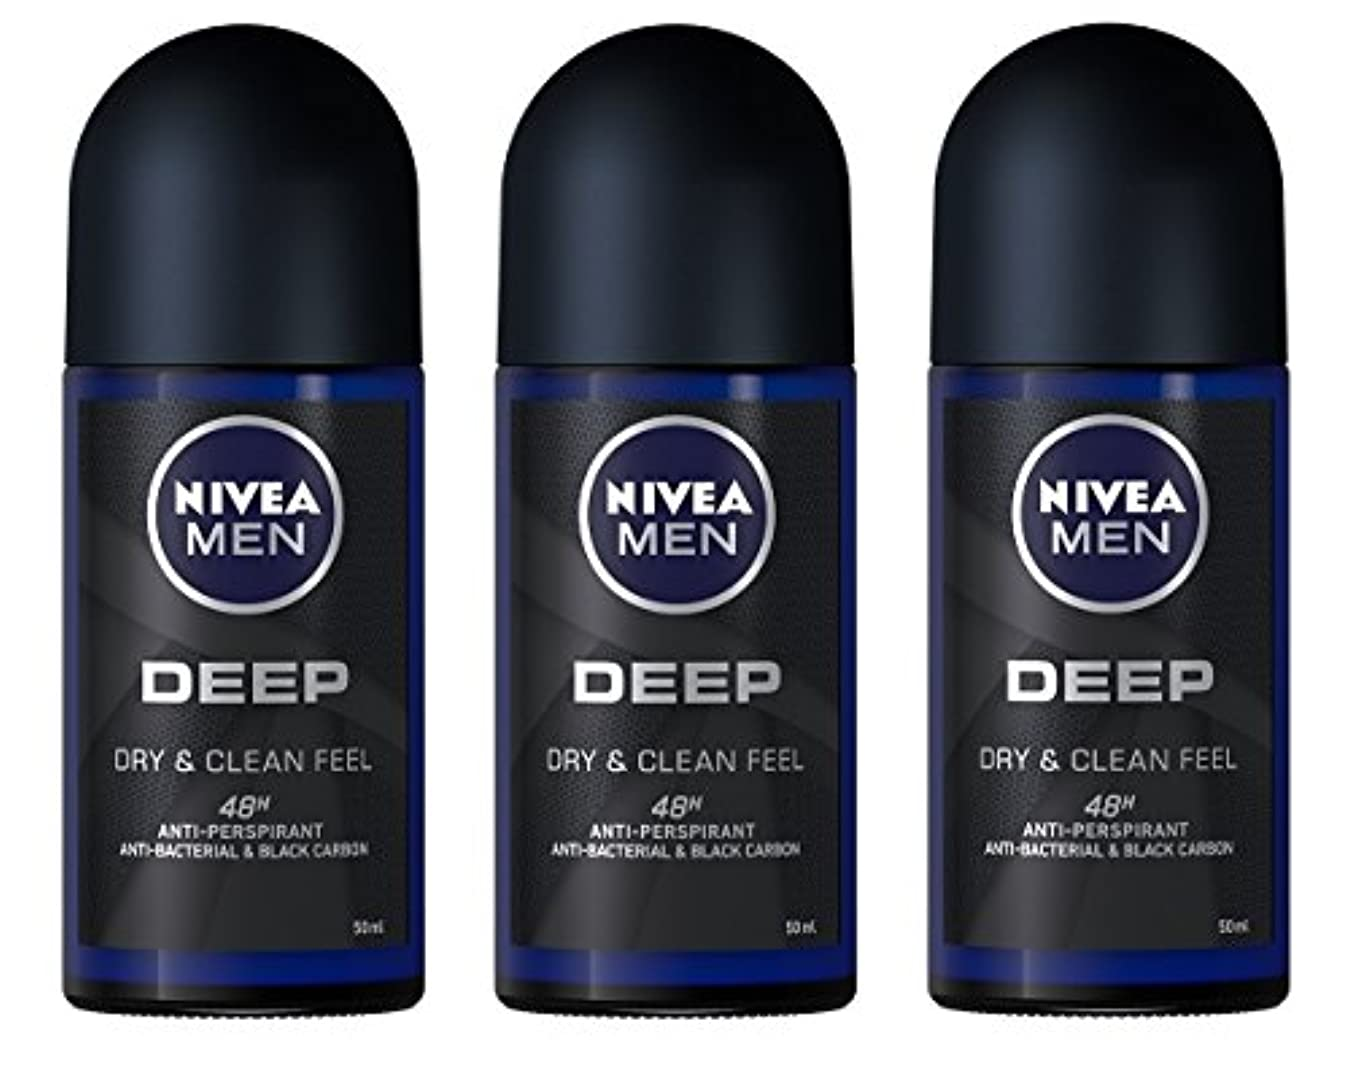 引用助言する結婚式(Pack of 3) Nivea Deep Anti-perspirant Deodorant Roll On for Men 50ml - (3パック) ニベア深い制汗剤デオドラントロールオン男性用50ml